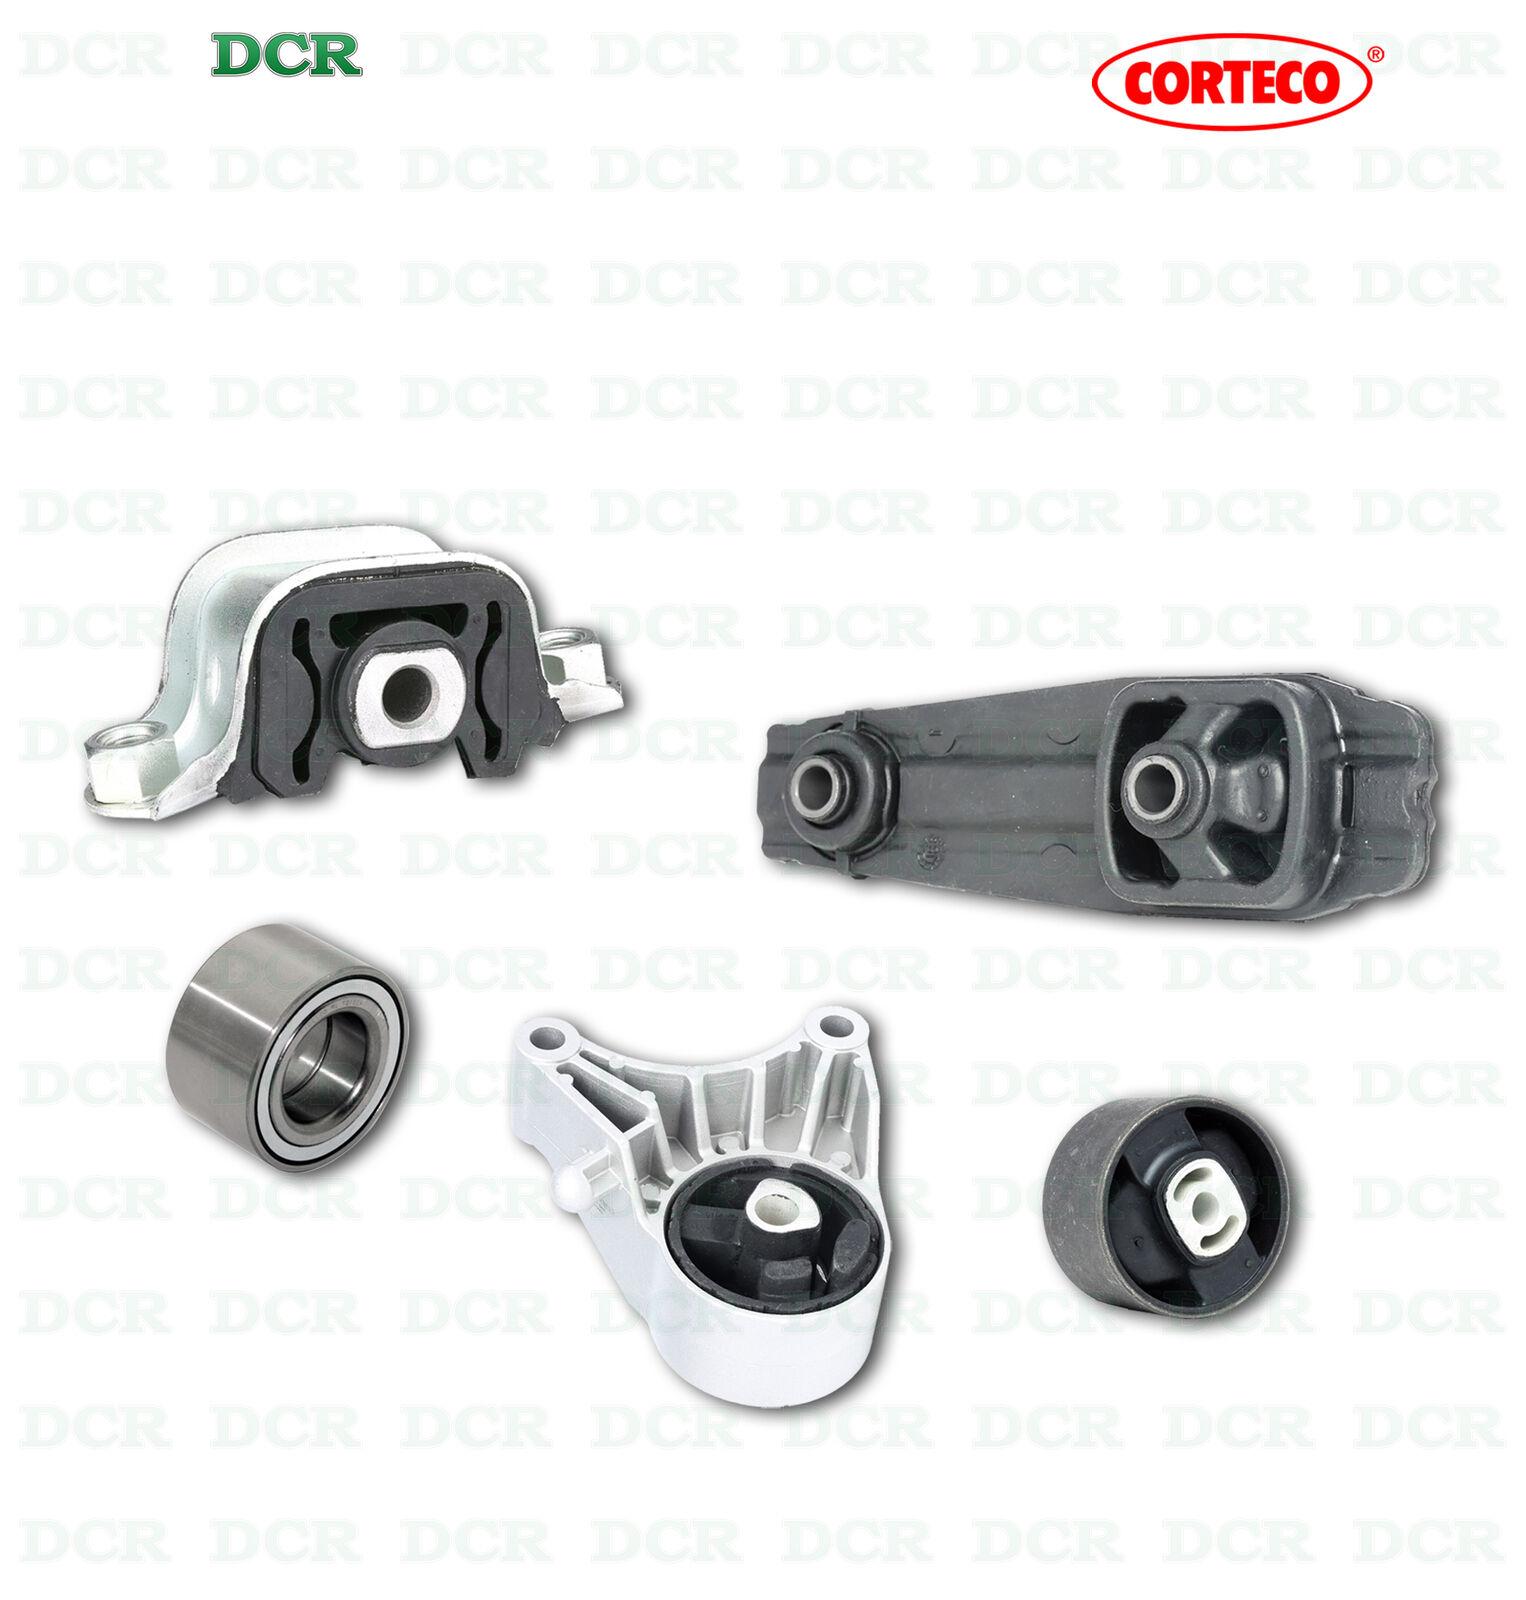 Supporto Motore CORTECO 80001306 AUDI SEAT SKODA VW